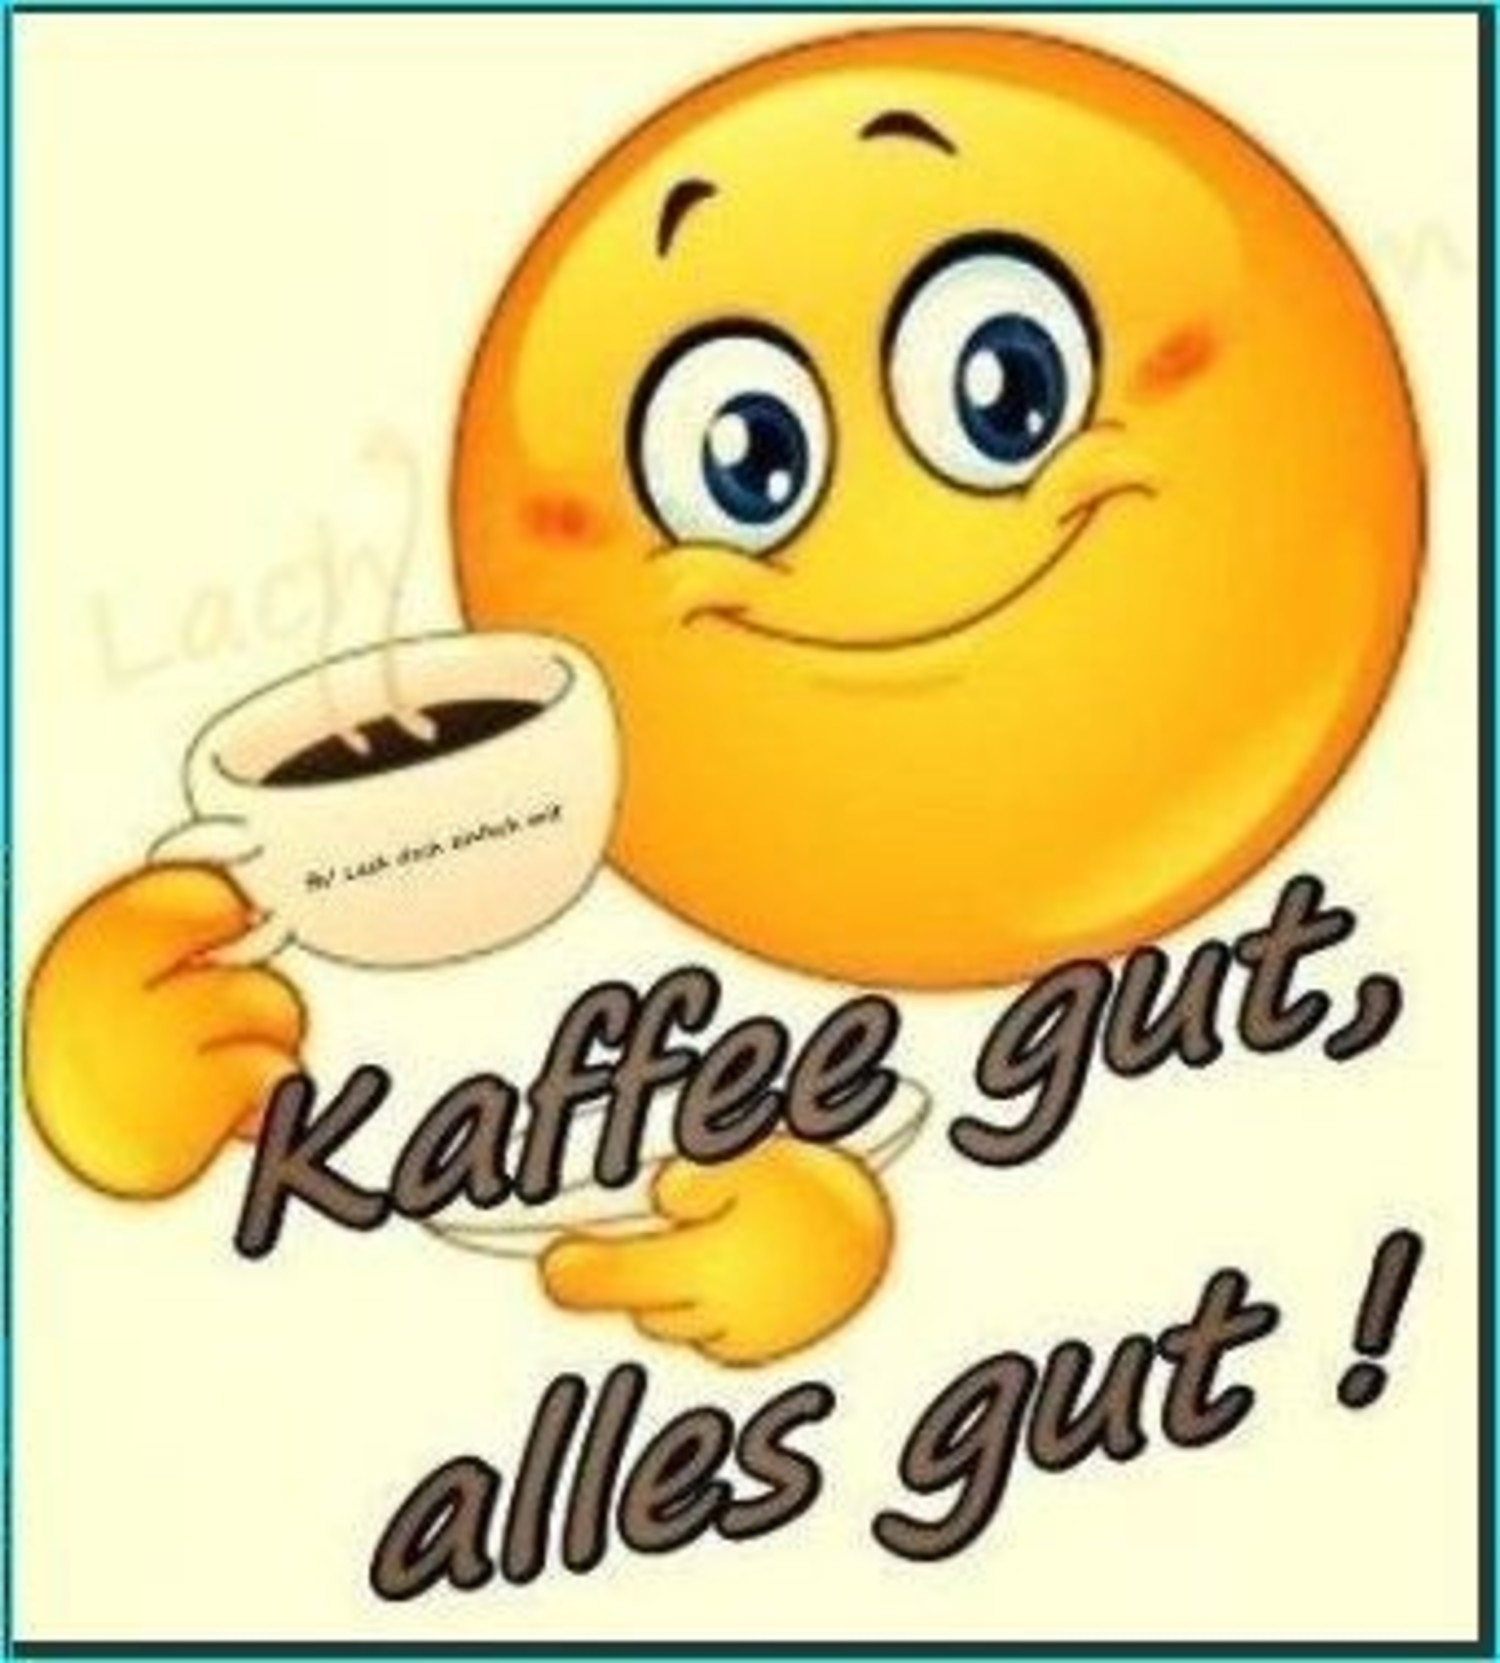 Kaffee gut alles gut 492